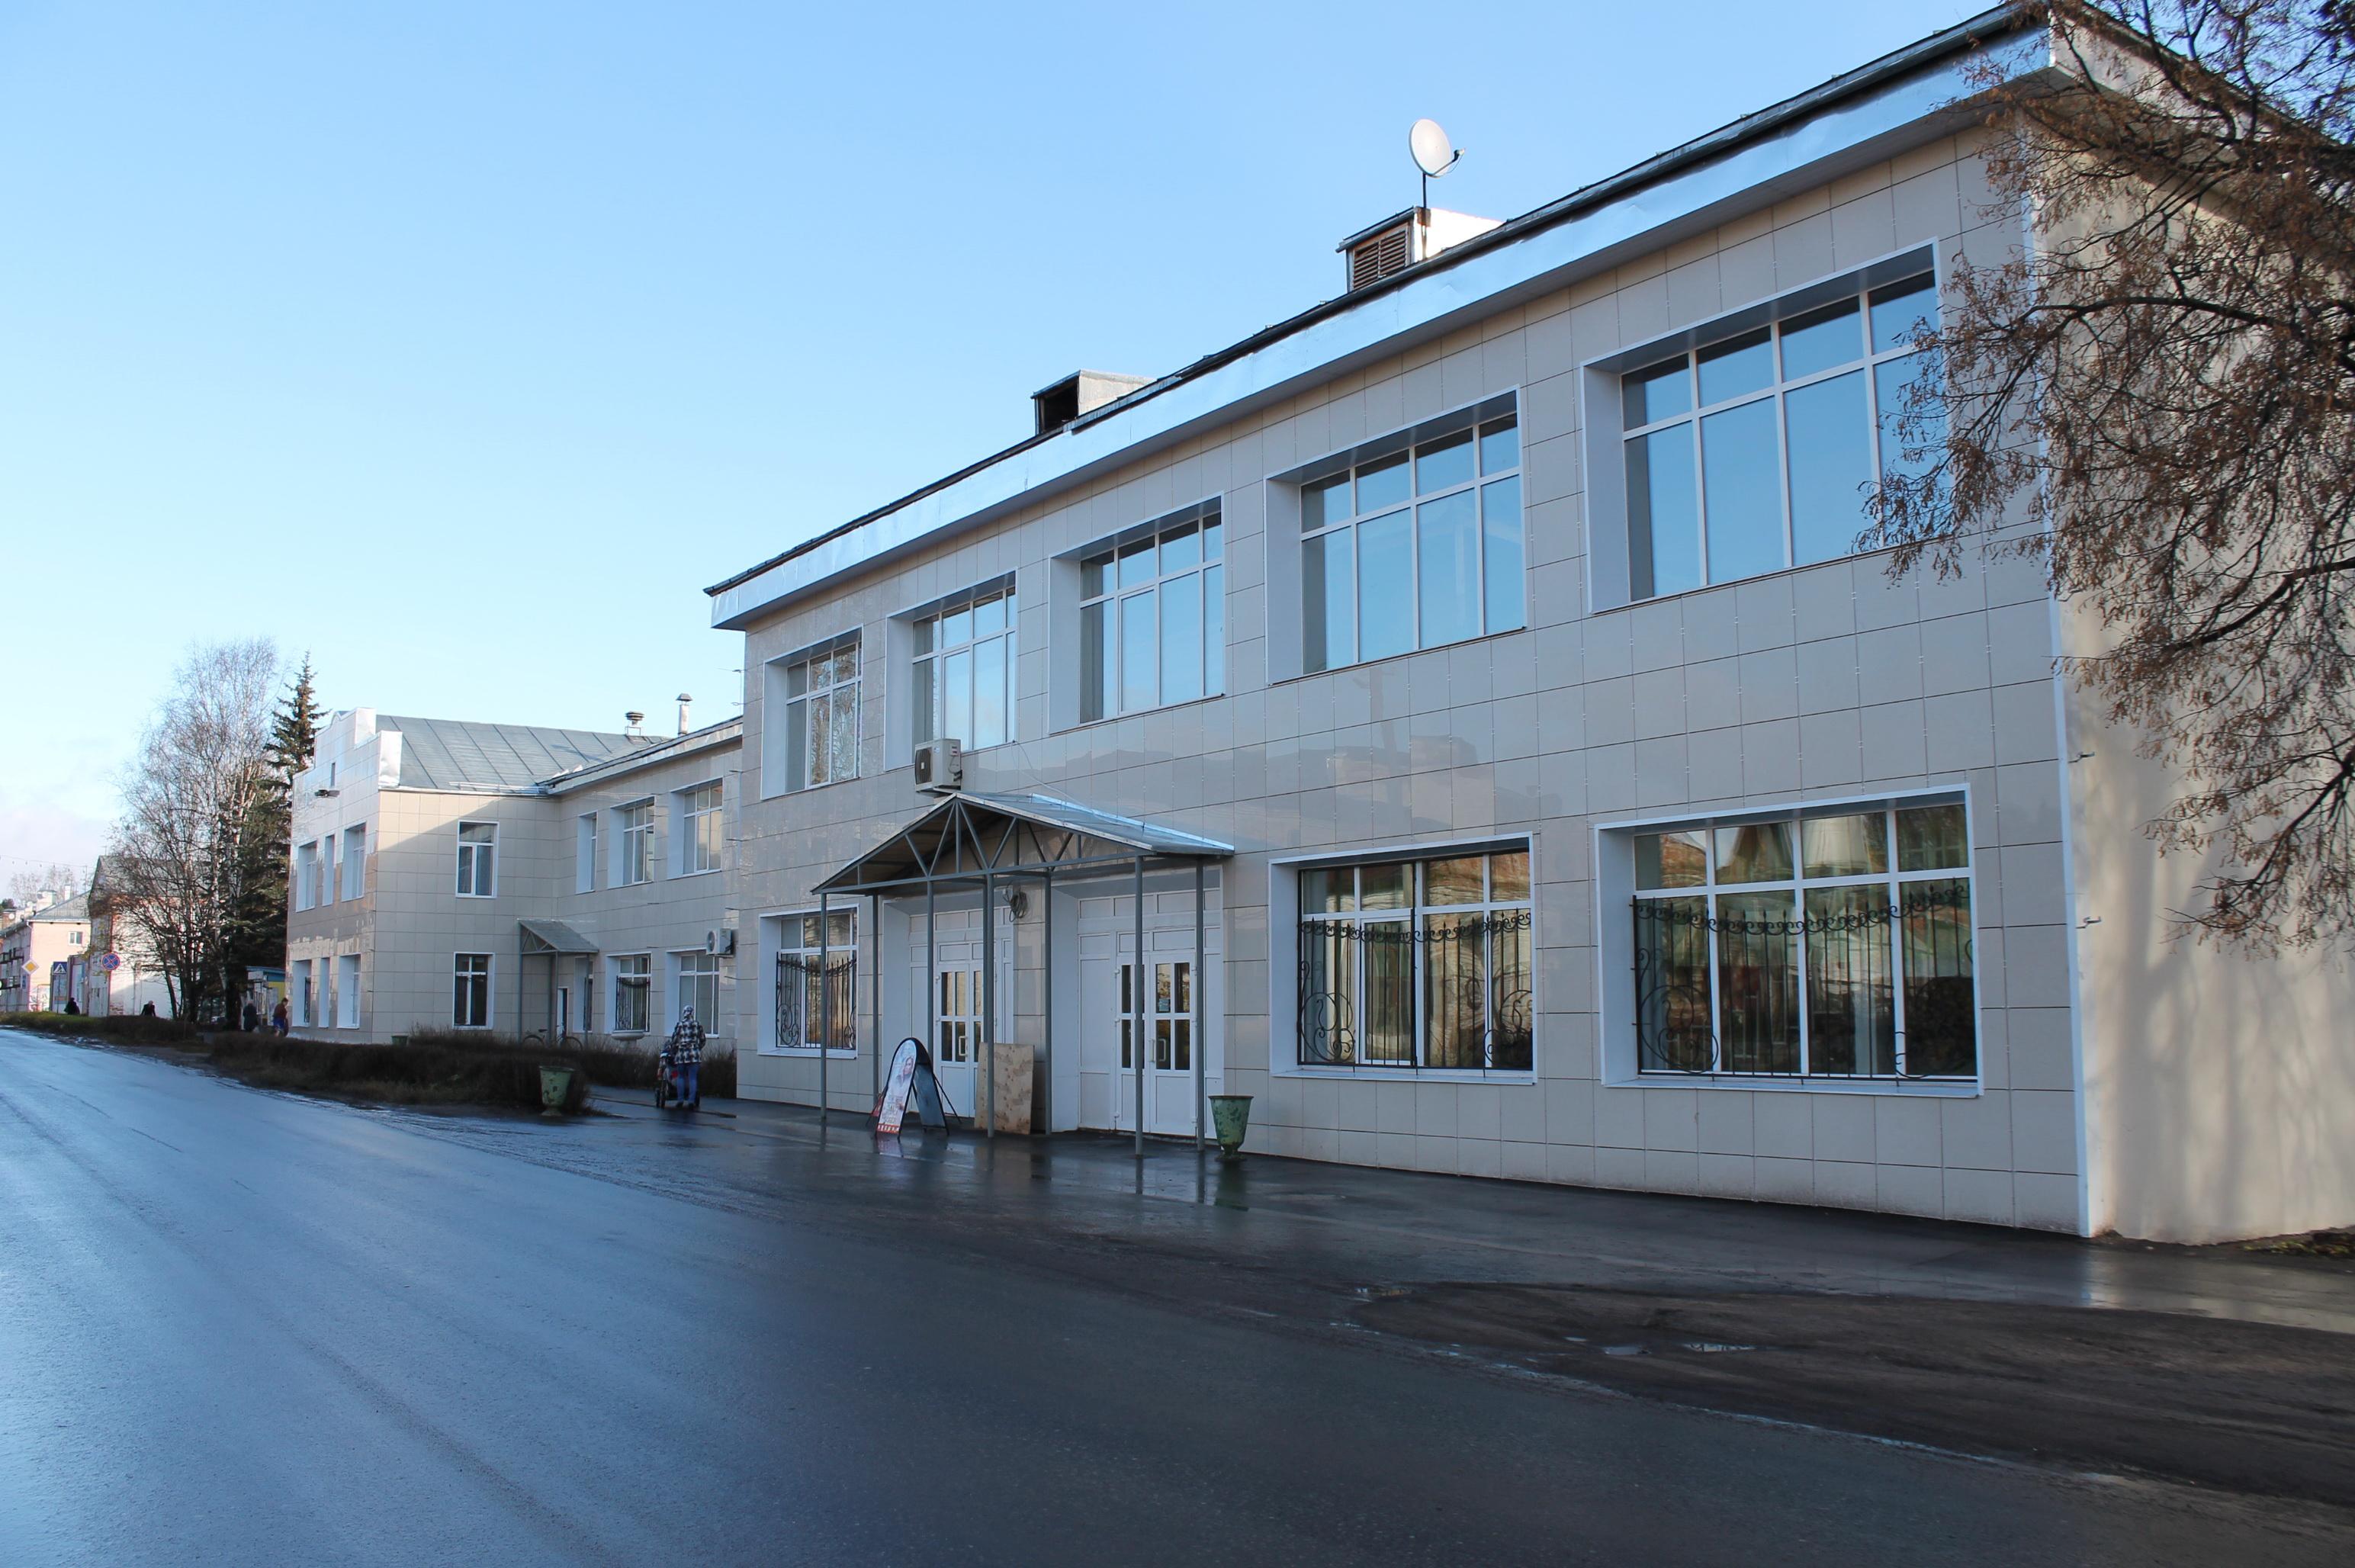 Дом для престарелых красавино телефон частный пансионат для престарелых московская область